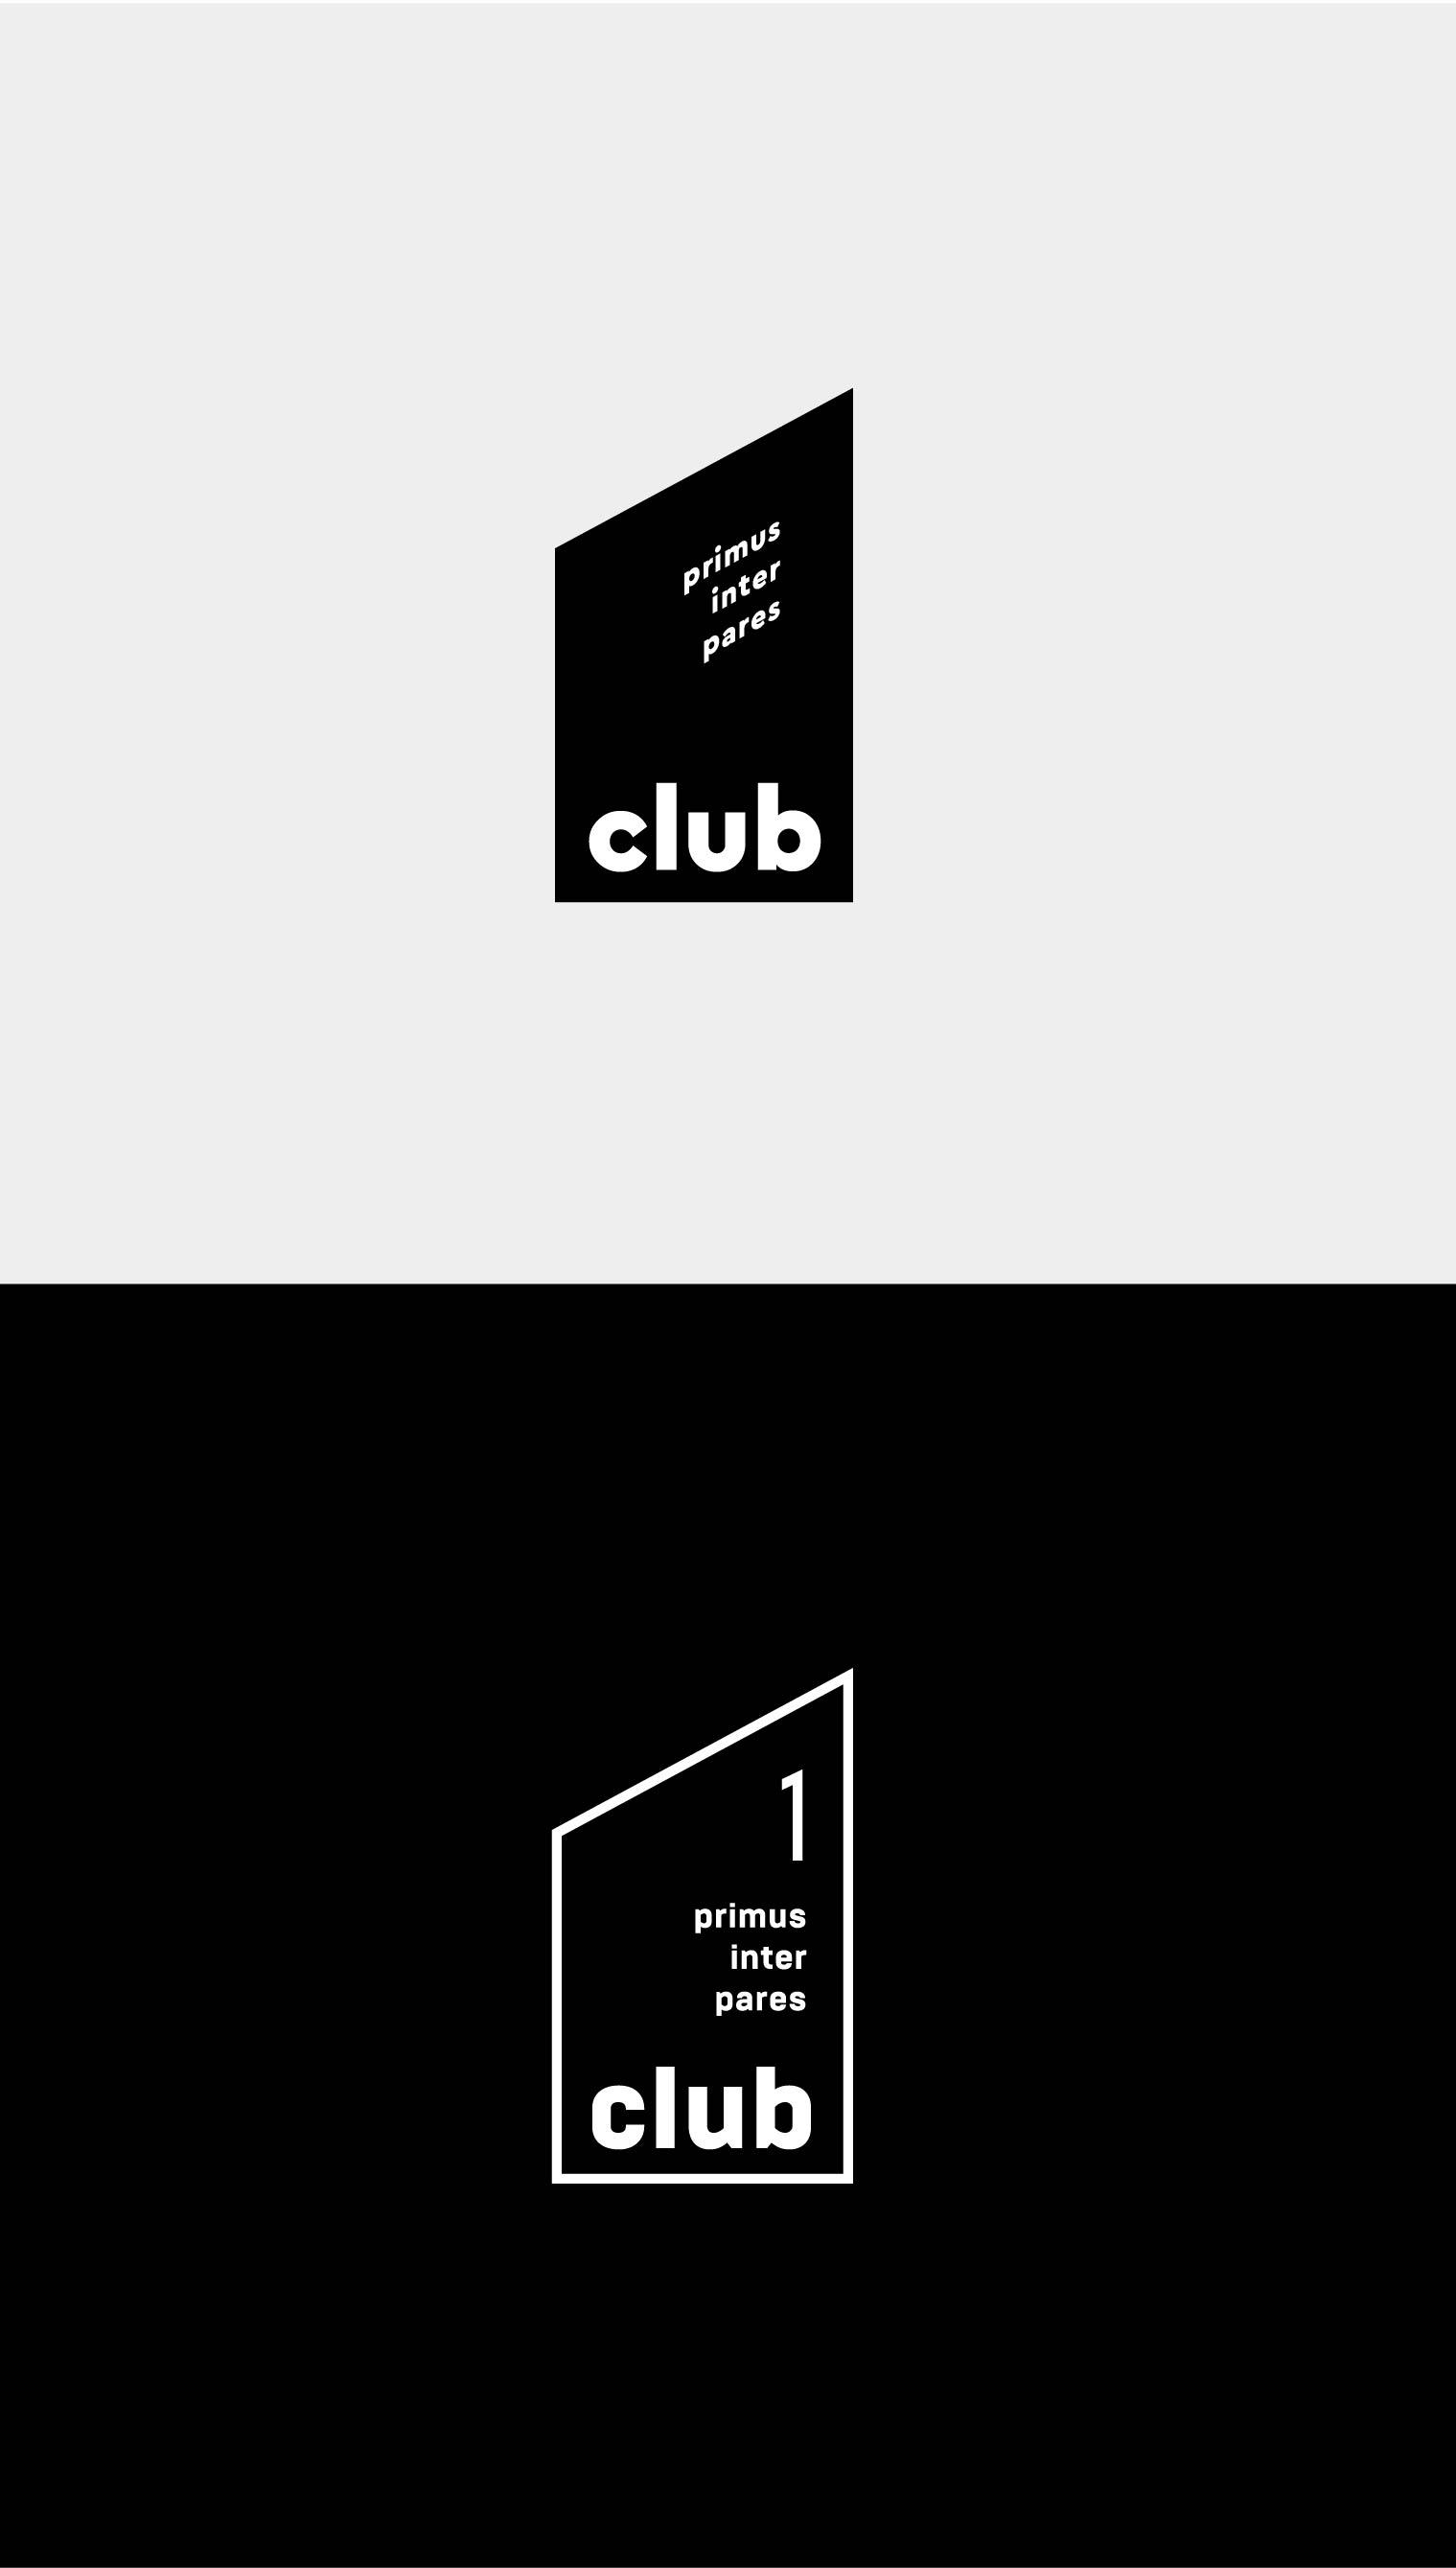 Логотип делового клуба фото f_2575f886401b5605.jpg